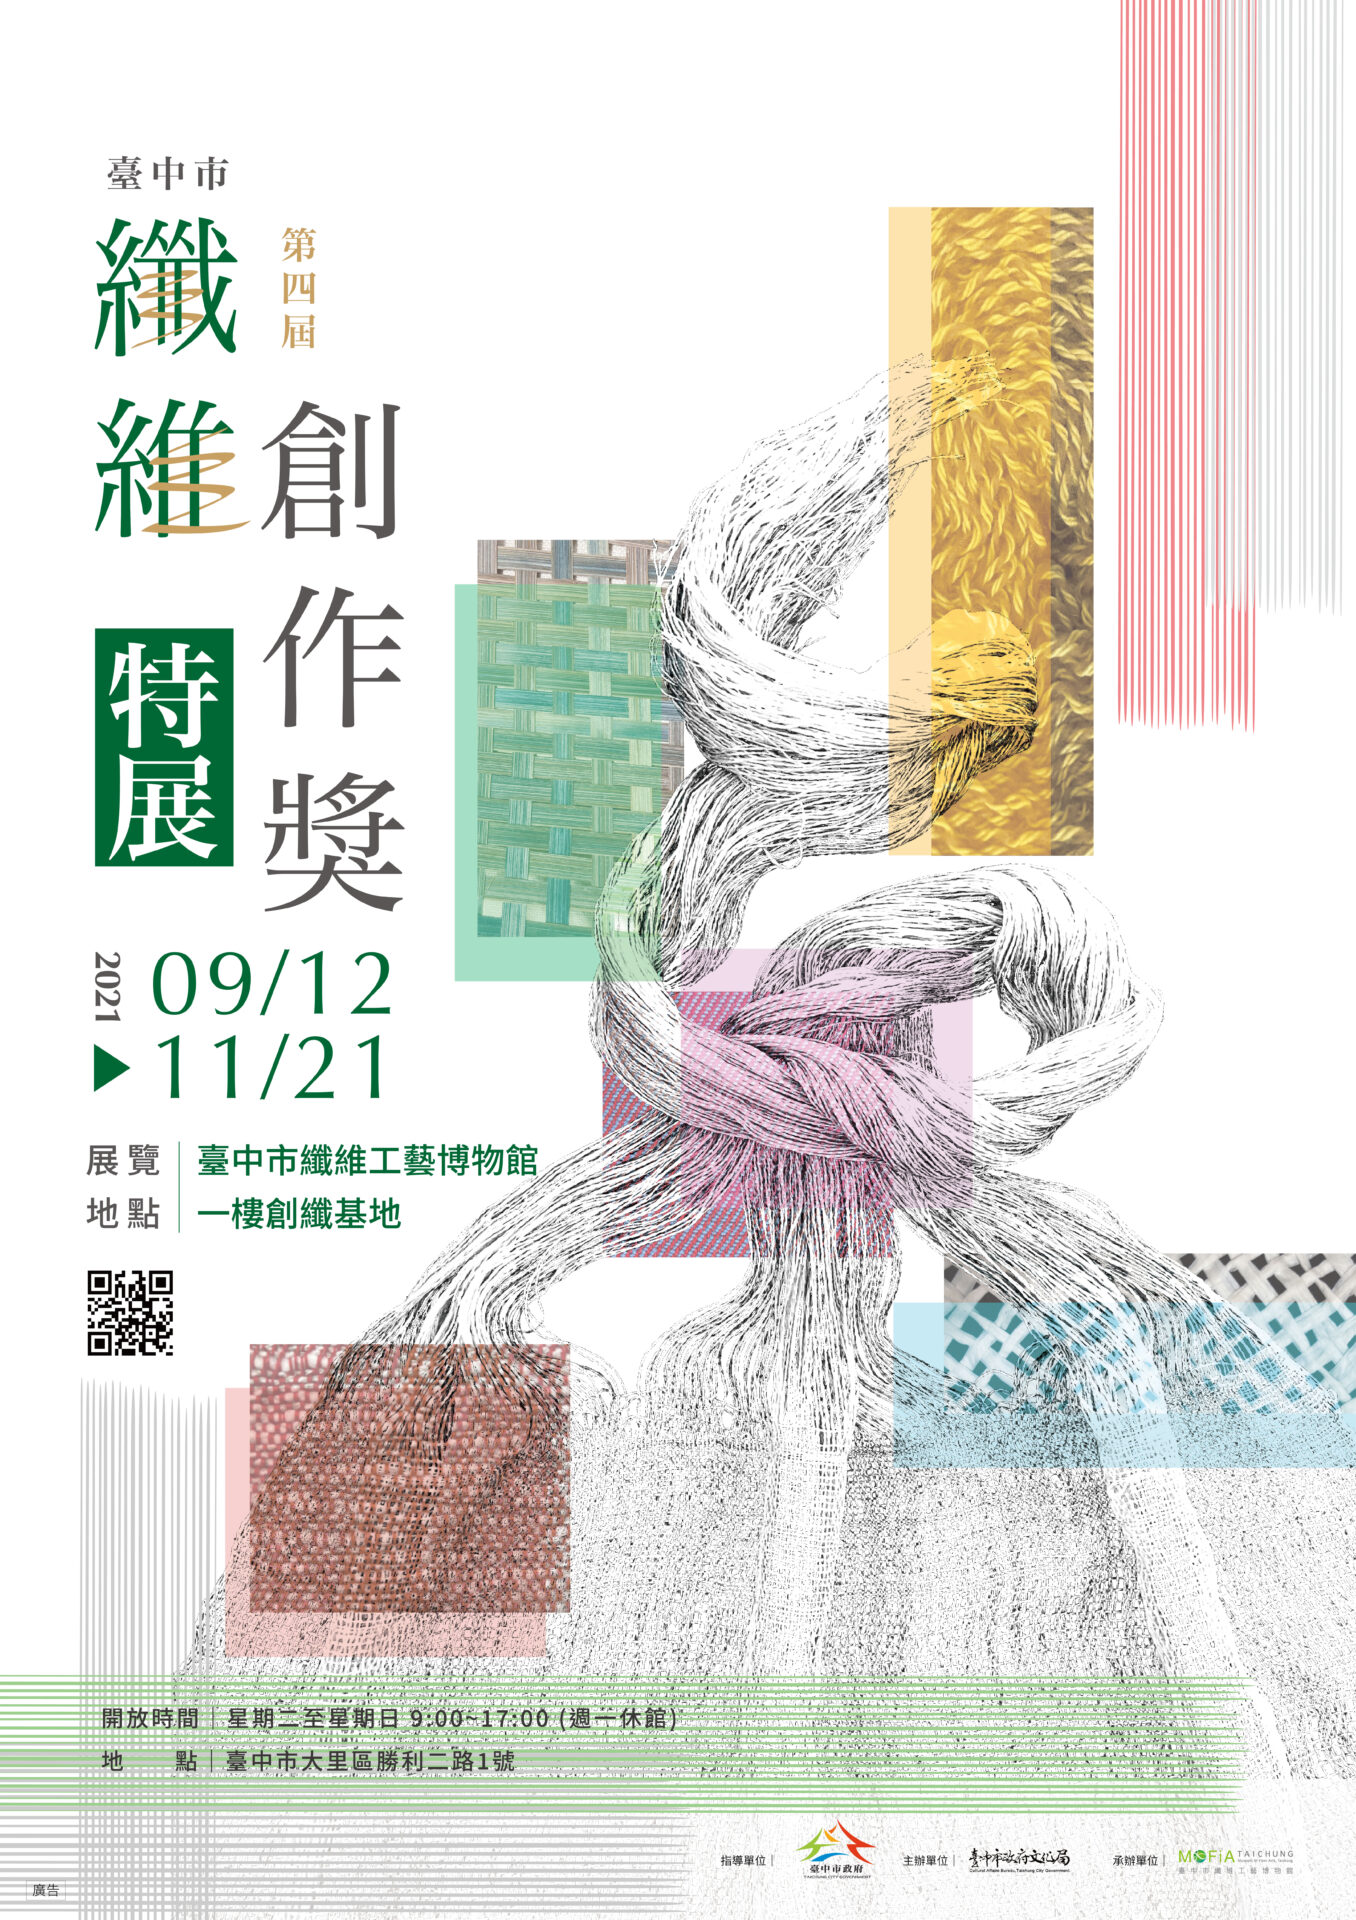 臺中市纖維工藝博物館:9/12-11/21【「臺中市第四屆纖維創作獎」特展】